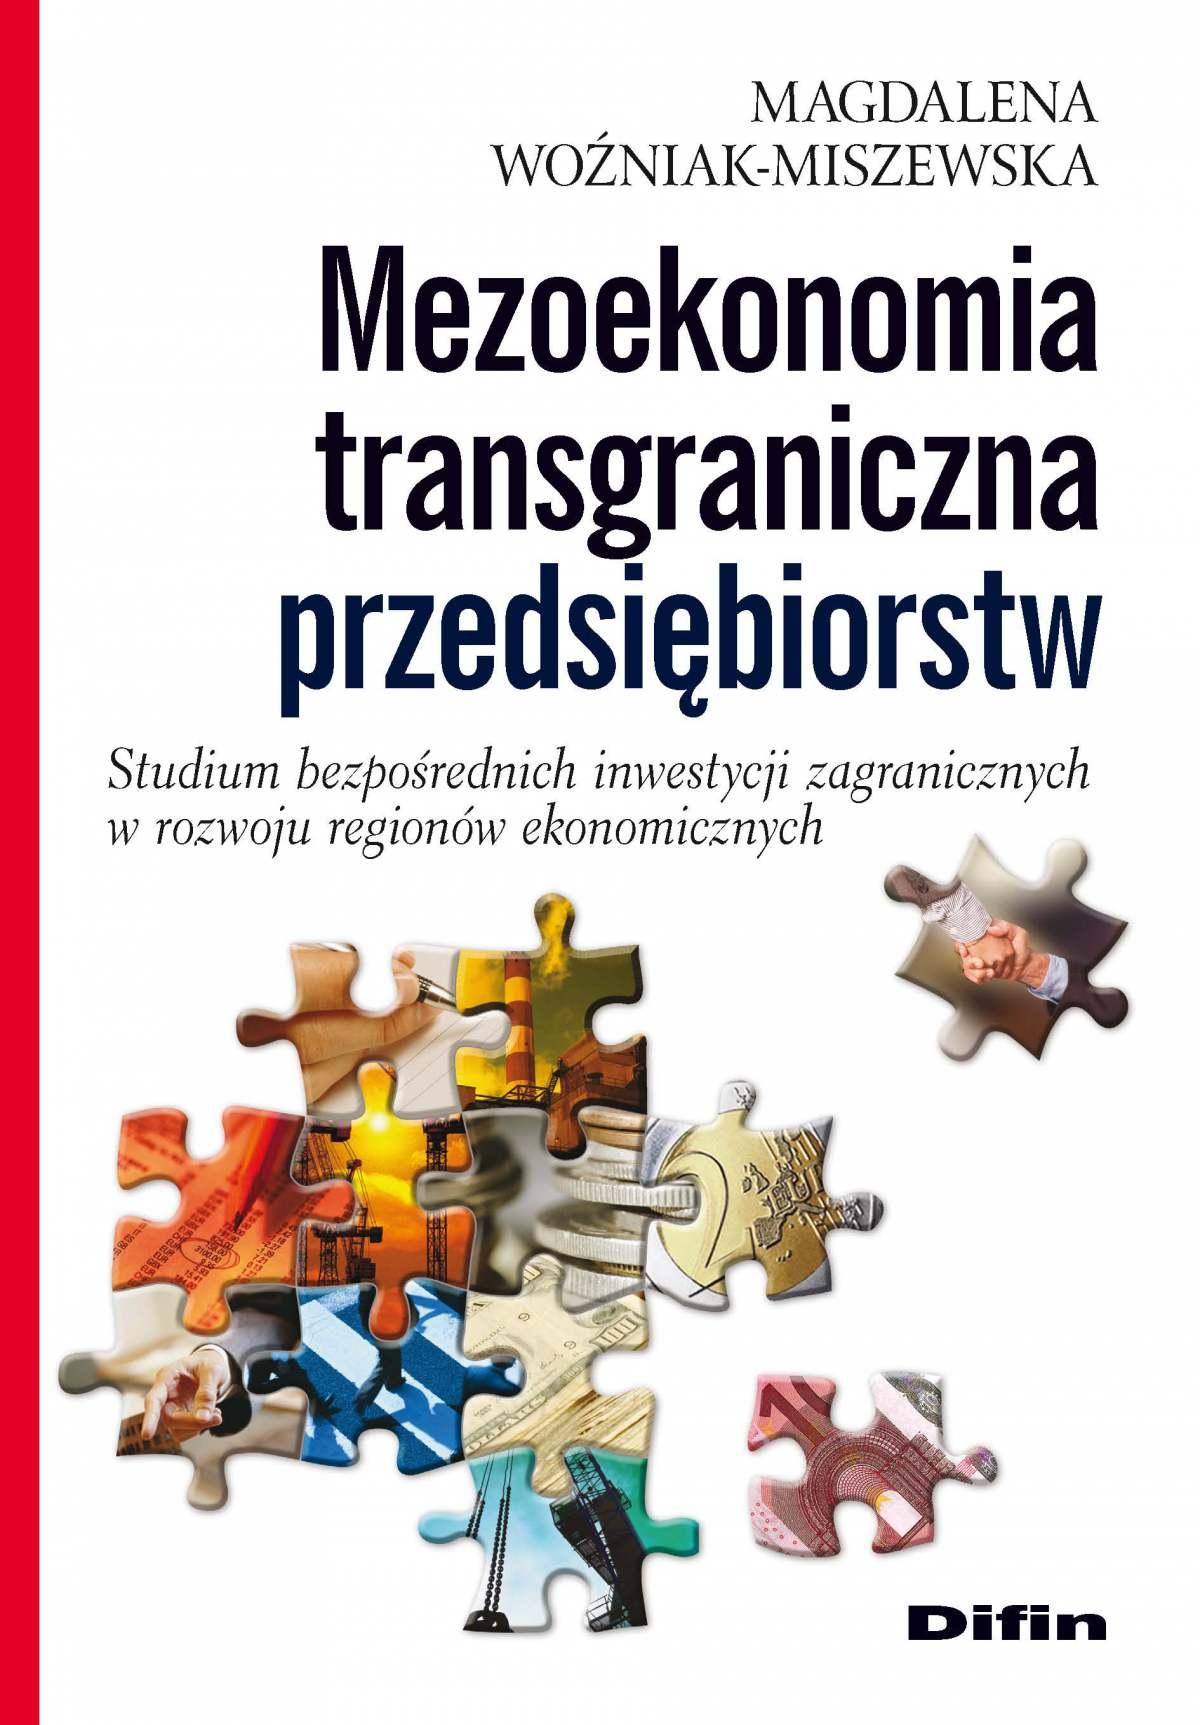 Mezoekonomia transgraniczna przedsiębiorstw. Studium bezpośrednich inwestycji zagranicznych w rozwoju regionów ekonomicznych - Ebook (Książka PDF) do pobrania w formacie PDF